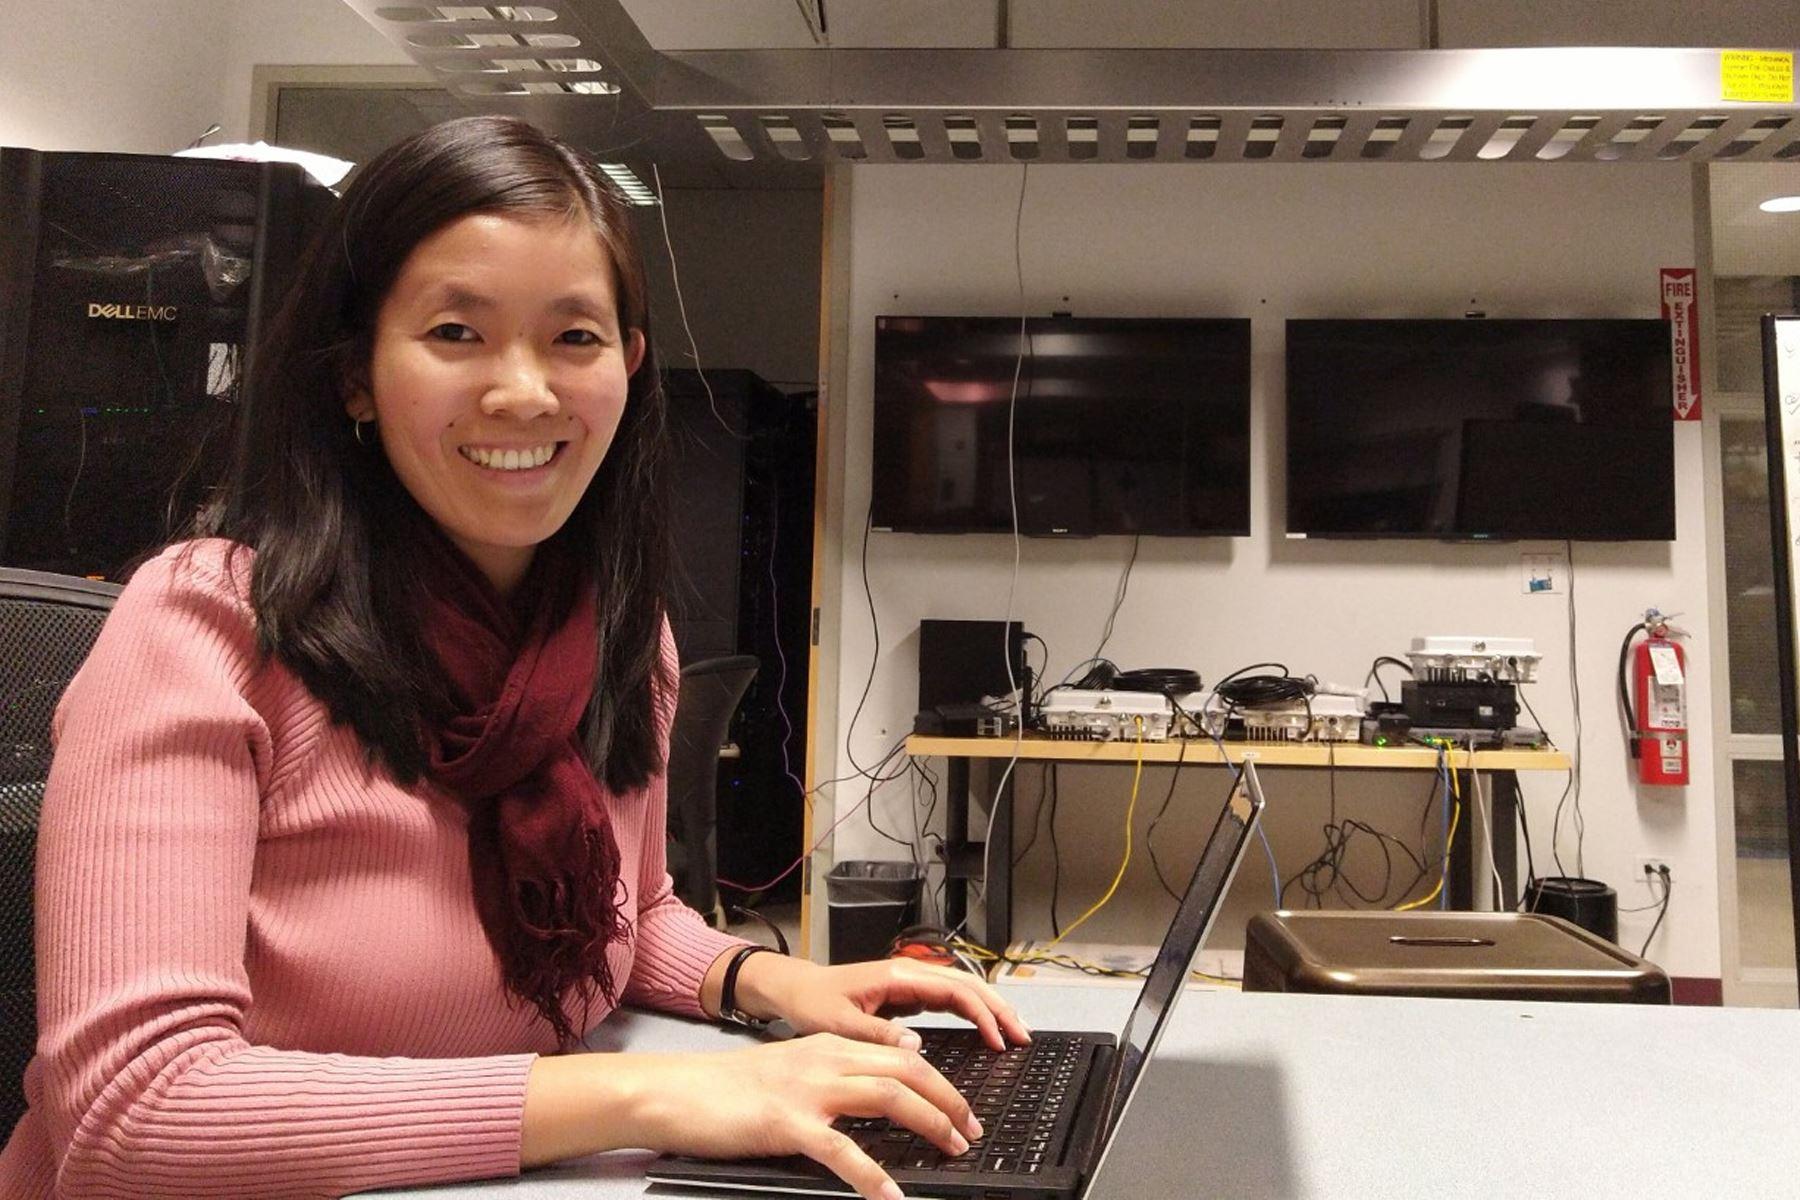 Nadia Yoza es parte de la organización de STEM para todas, el primer programa de inmersión en ciencia, tecnología, ingeniería y matemáticas dirigido a alumnas de secundaria de colegios públicos y privados